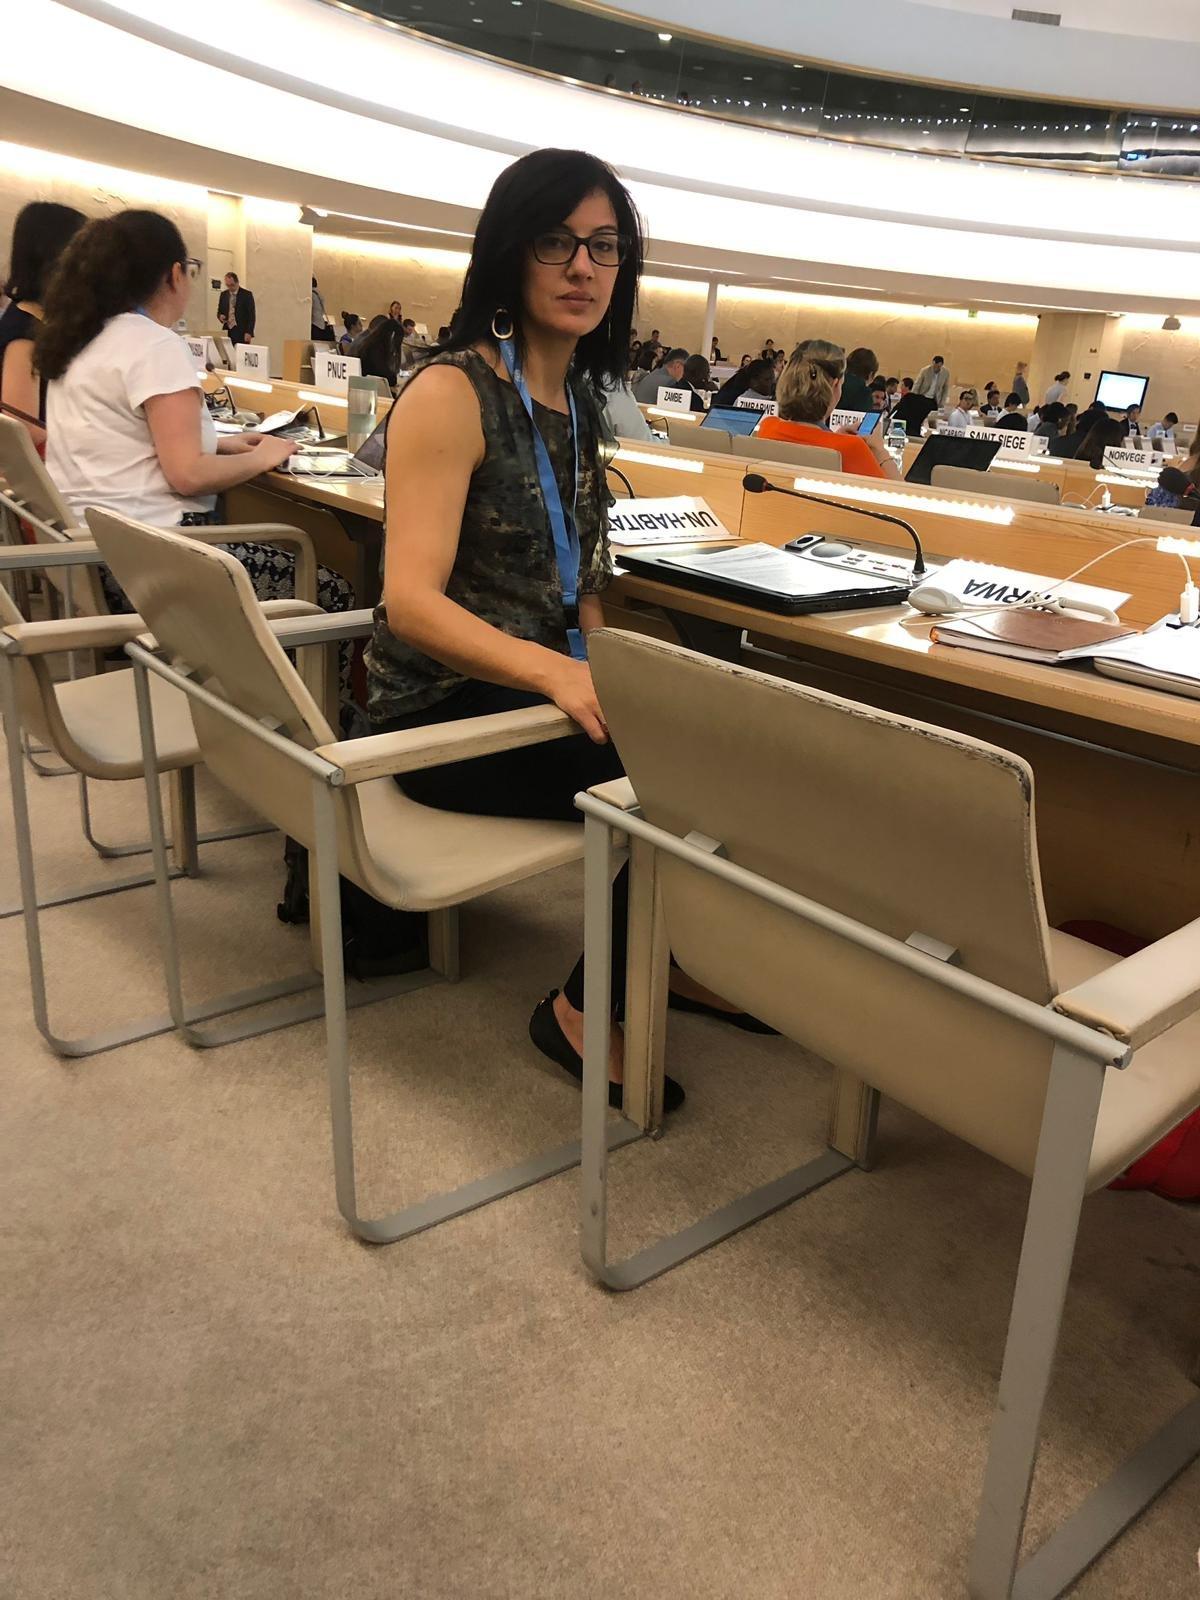 جمعية كيان-تنظيم نسوي امام مجلس حقوق الانسان في الامم المتحدة: المرأة الفلسطينية في البلاد لا تثق بالنظام القضائي وجهاز الحماية الاسرائيلية